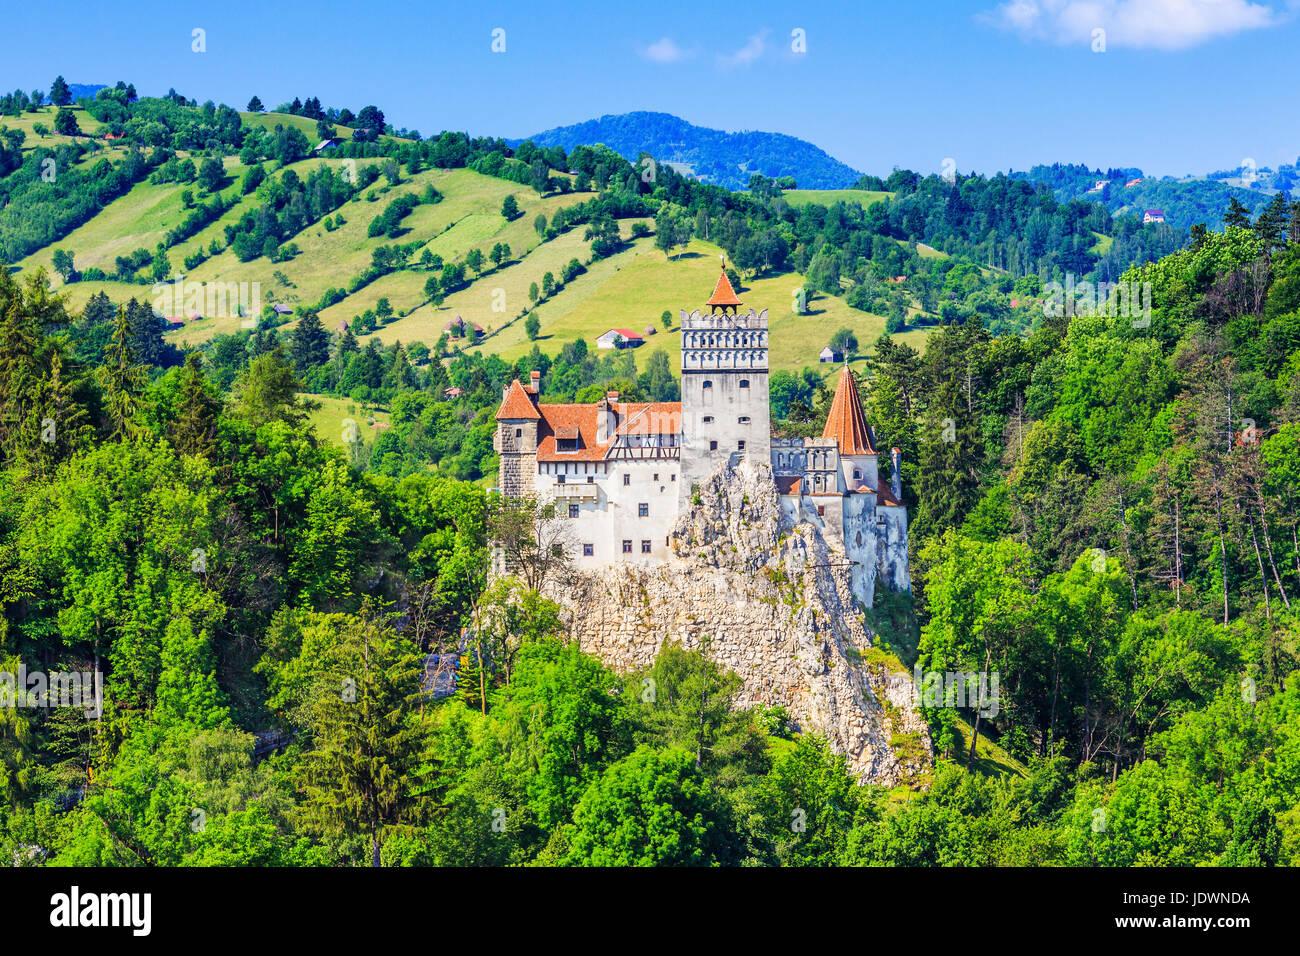 Brasov, en Transylvanie. La Roumanie. Le Château médiéval de Bran, connu pour le mythe de Dracula. Photo Stock